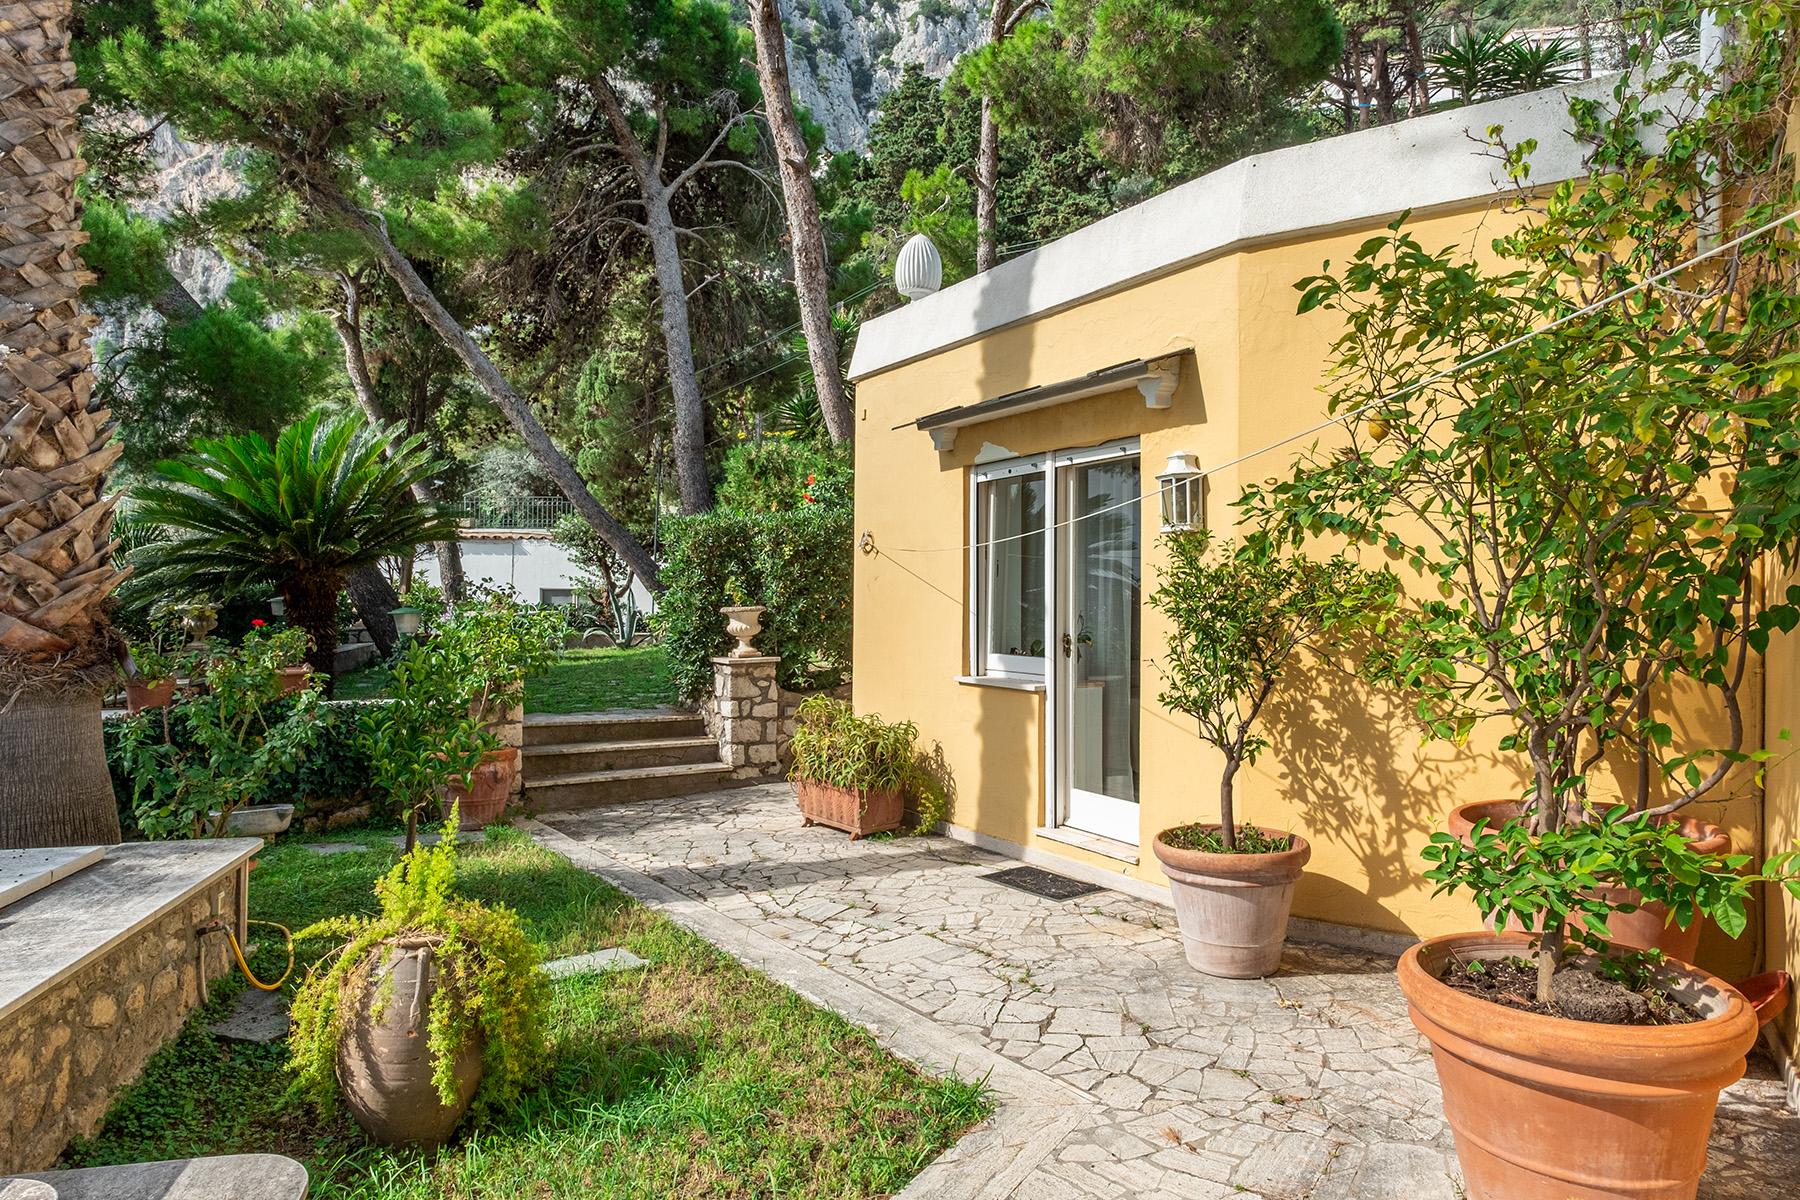 Villa in Vendita a Capri: 5 locali, 200 mq - Foto 10